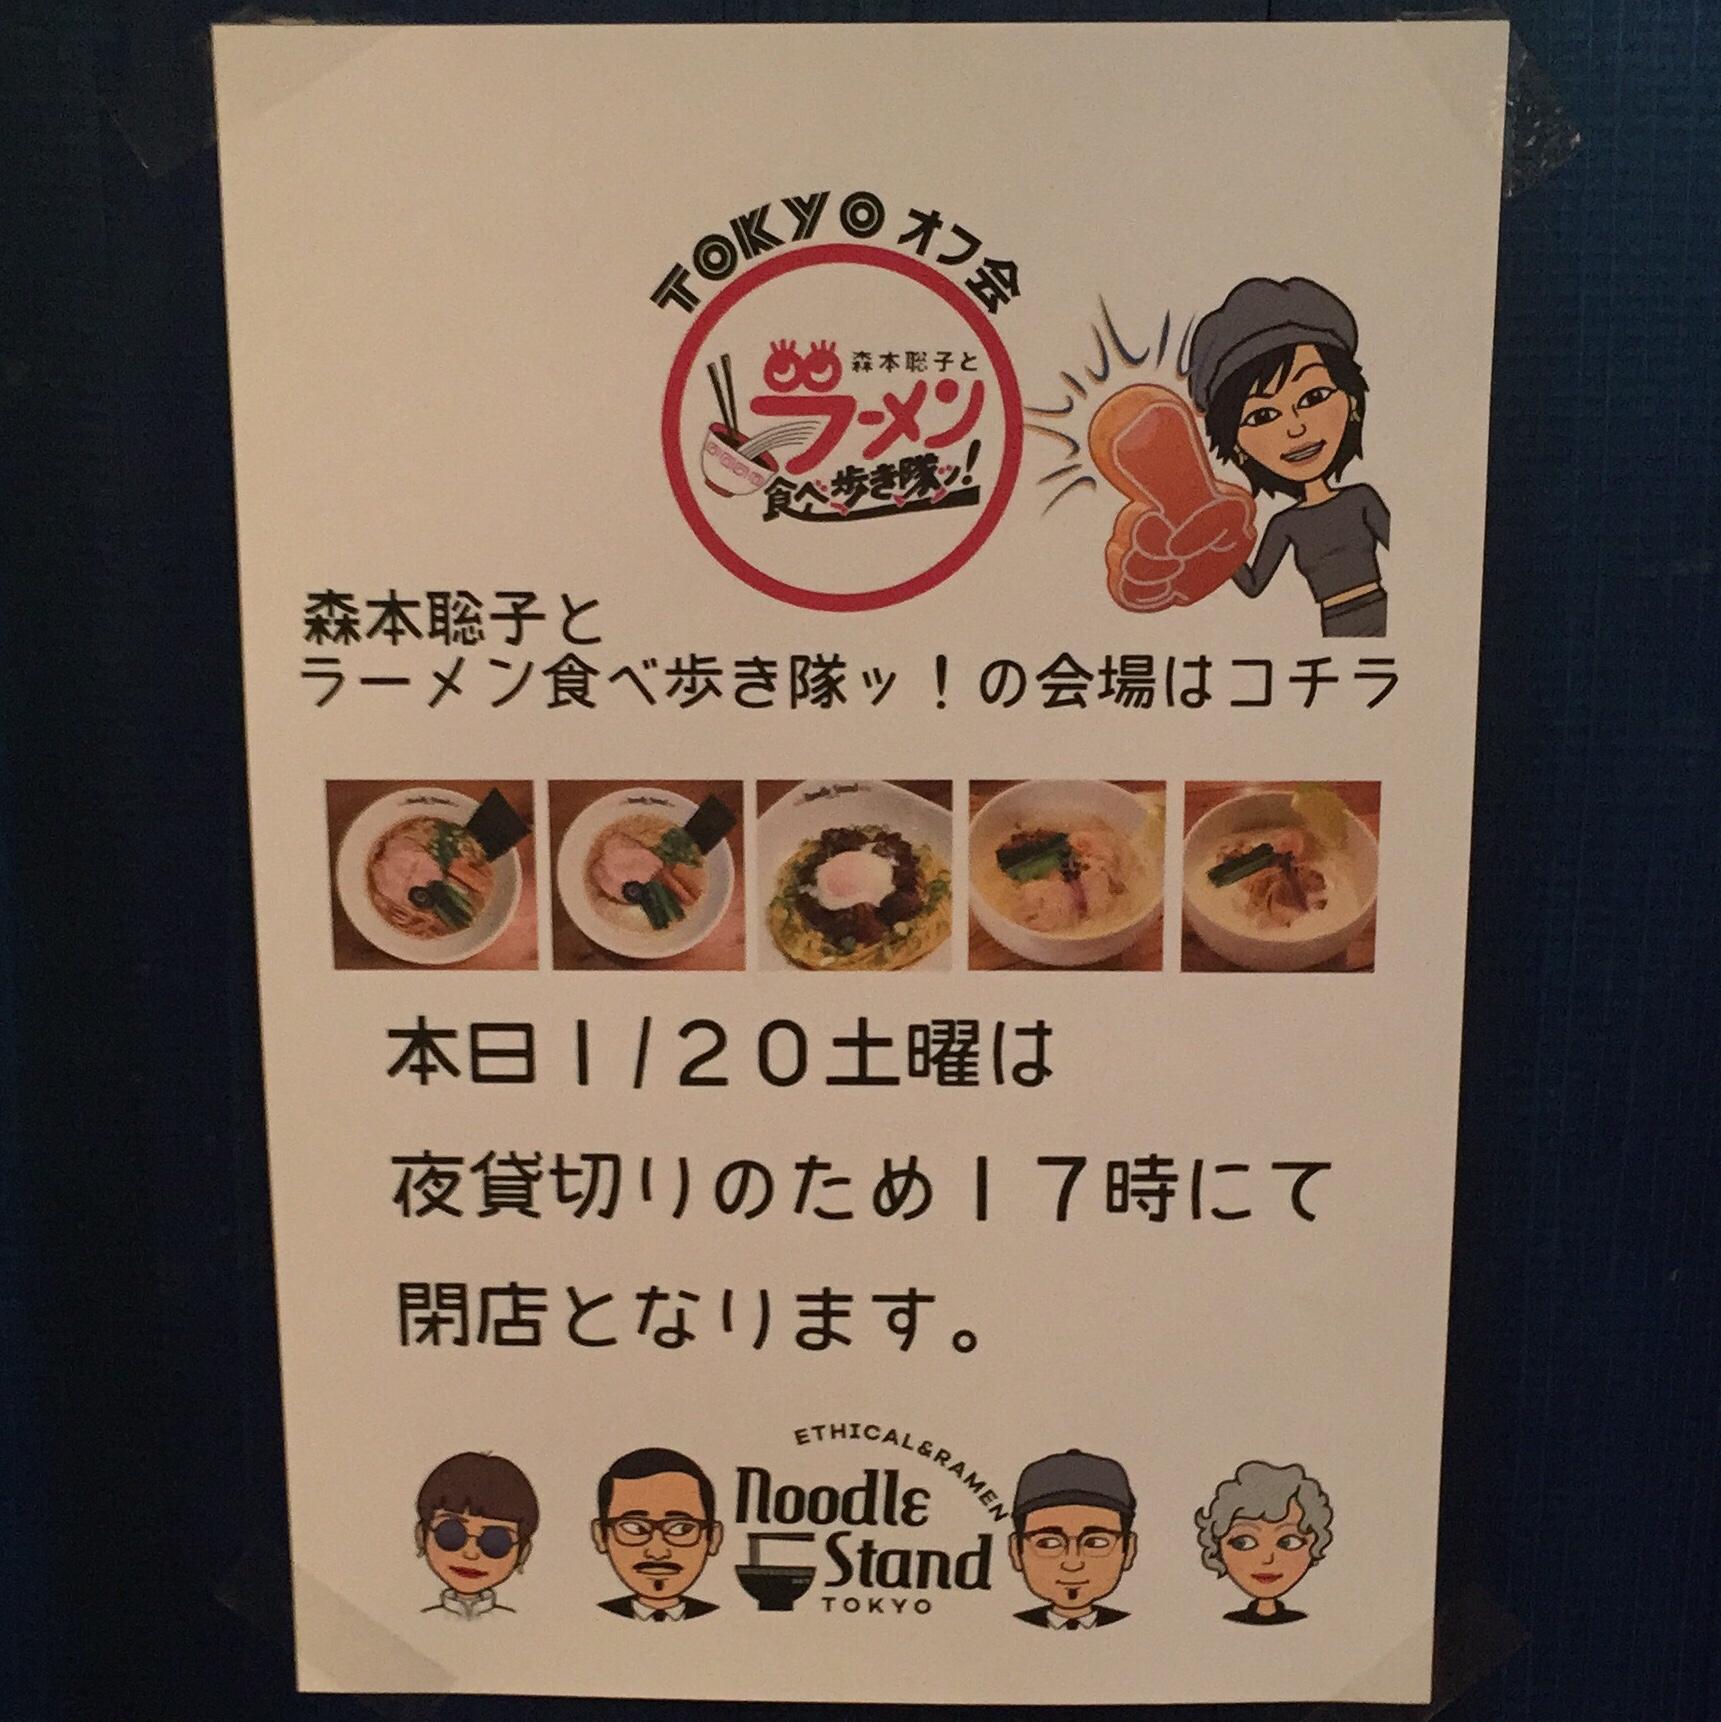 Noodle Stand Tokyo(ヌードルスタンドトーキョー) ヌースタ 森本聡子とラーメン食べ歩き隊